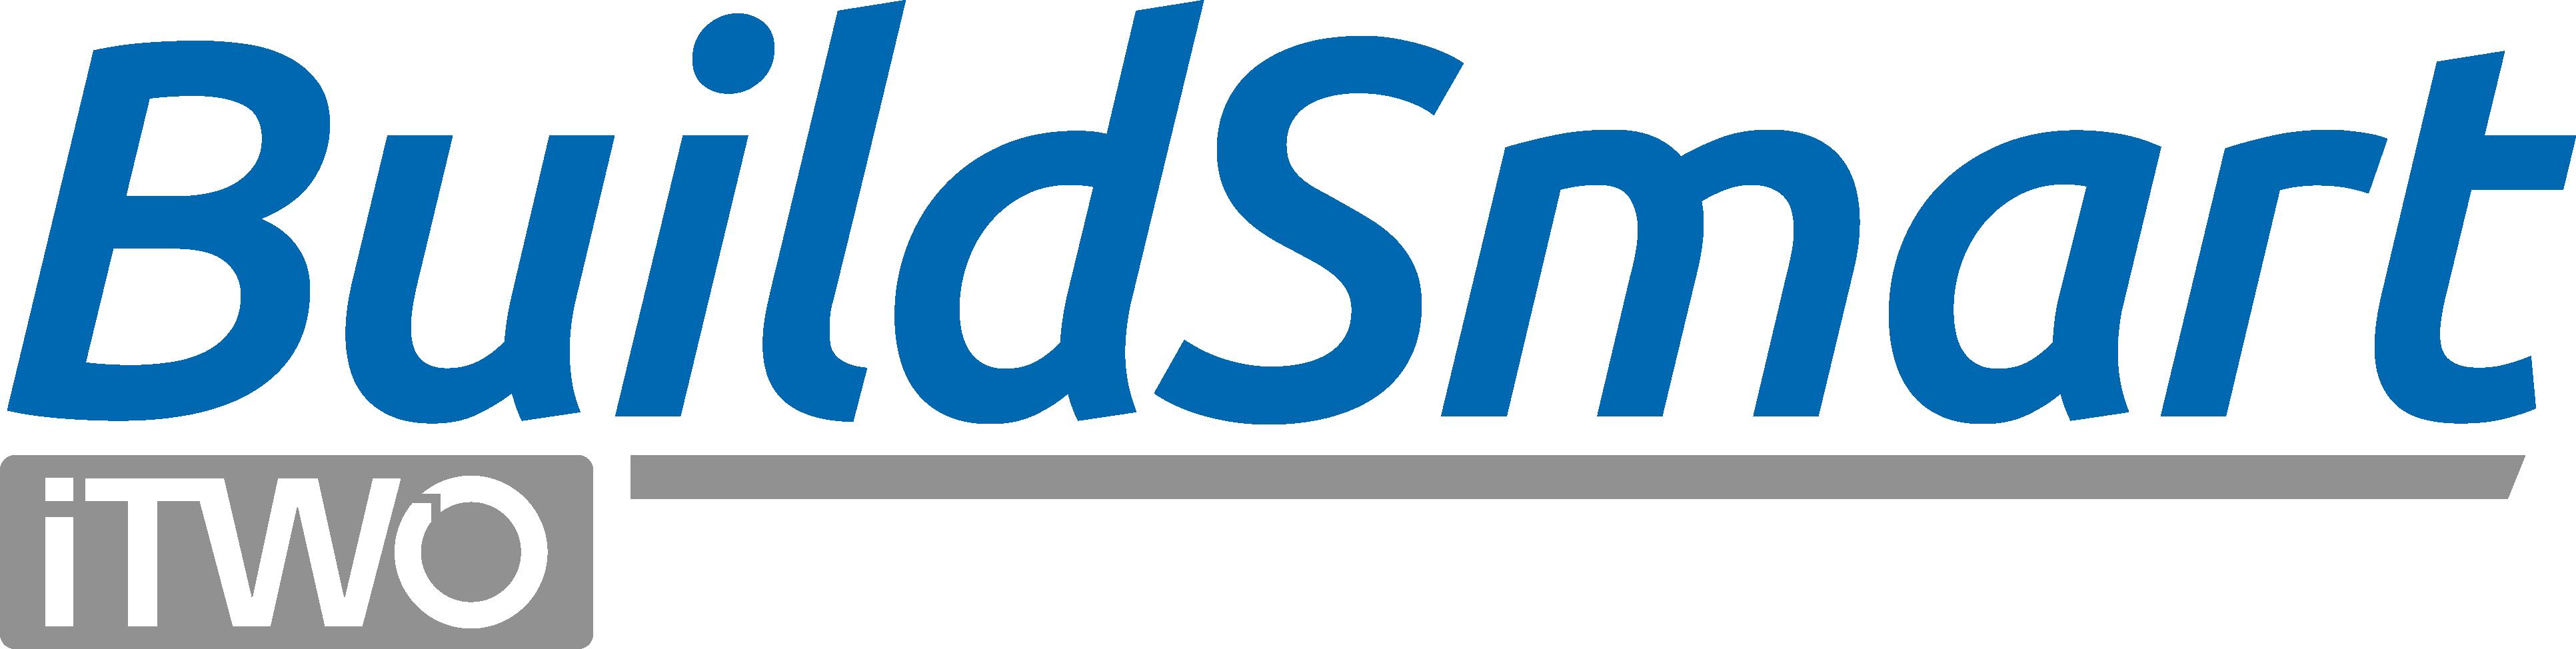 ccs-nav-logo.png